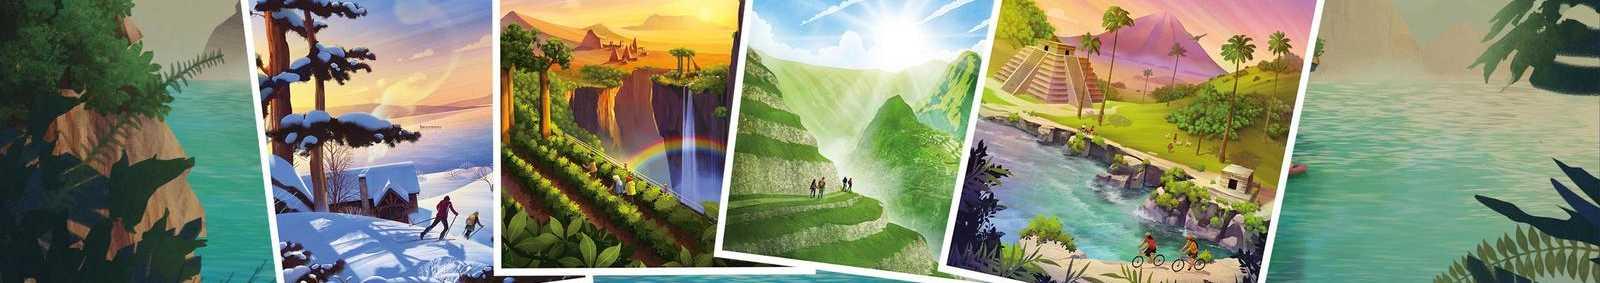 Exodus 2019 Brochures